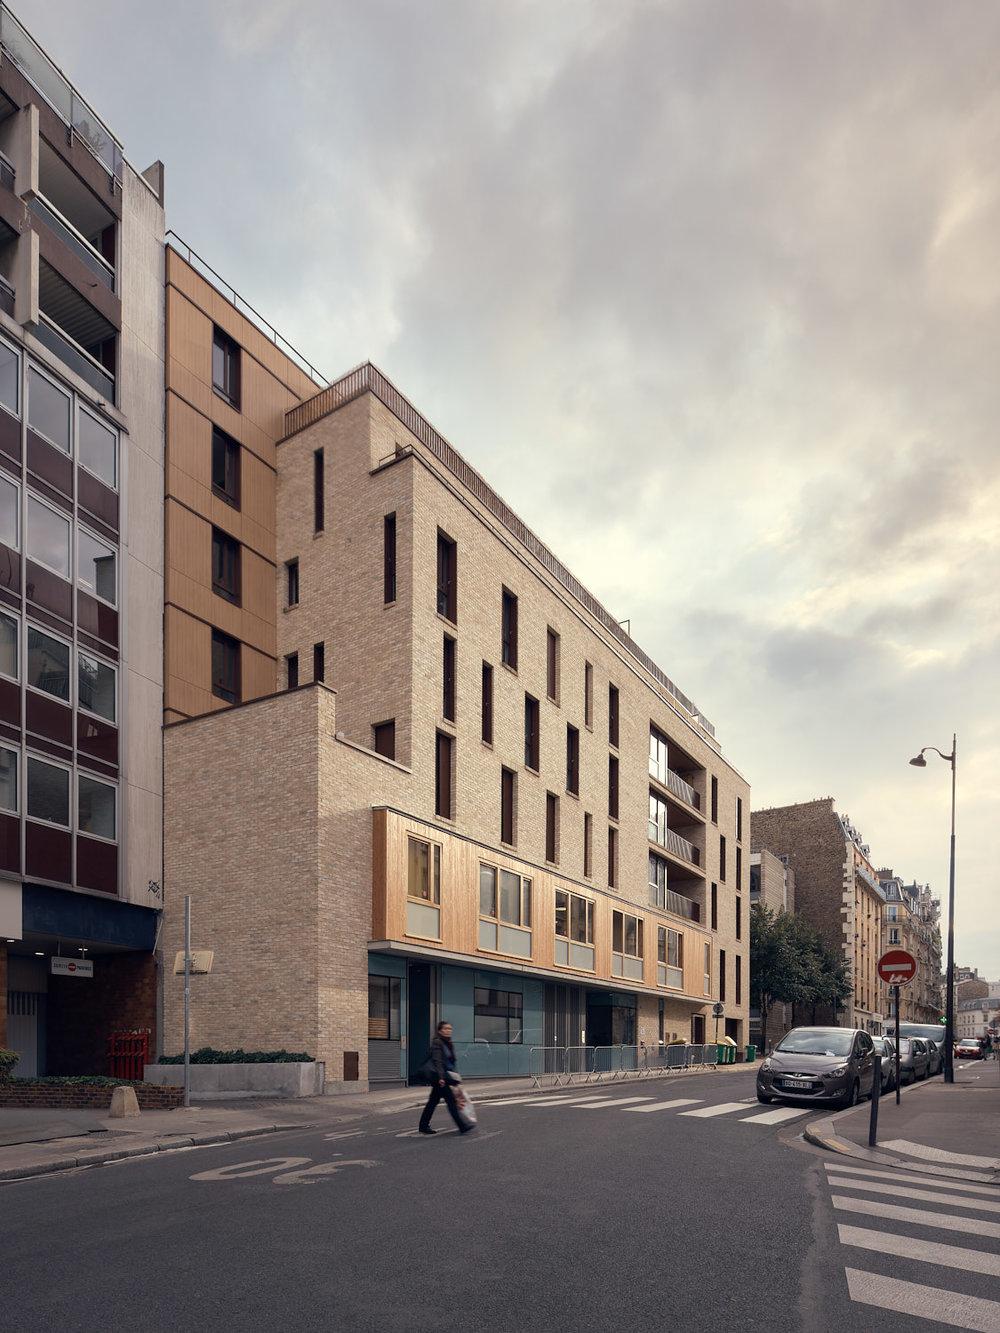 Harare architectes Falguière Paris